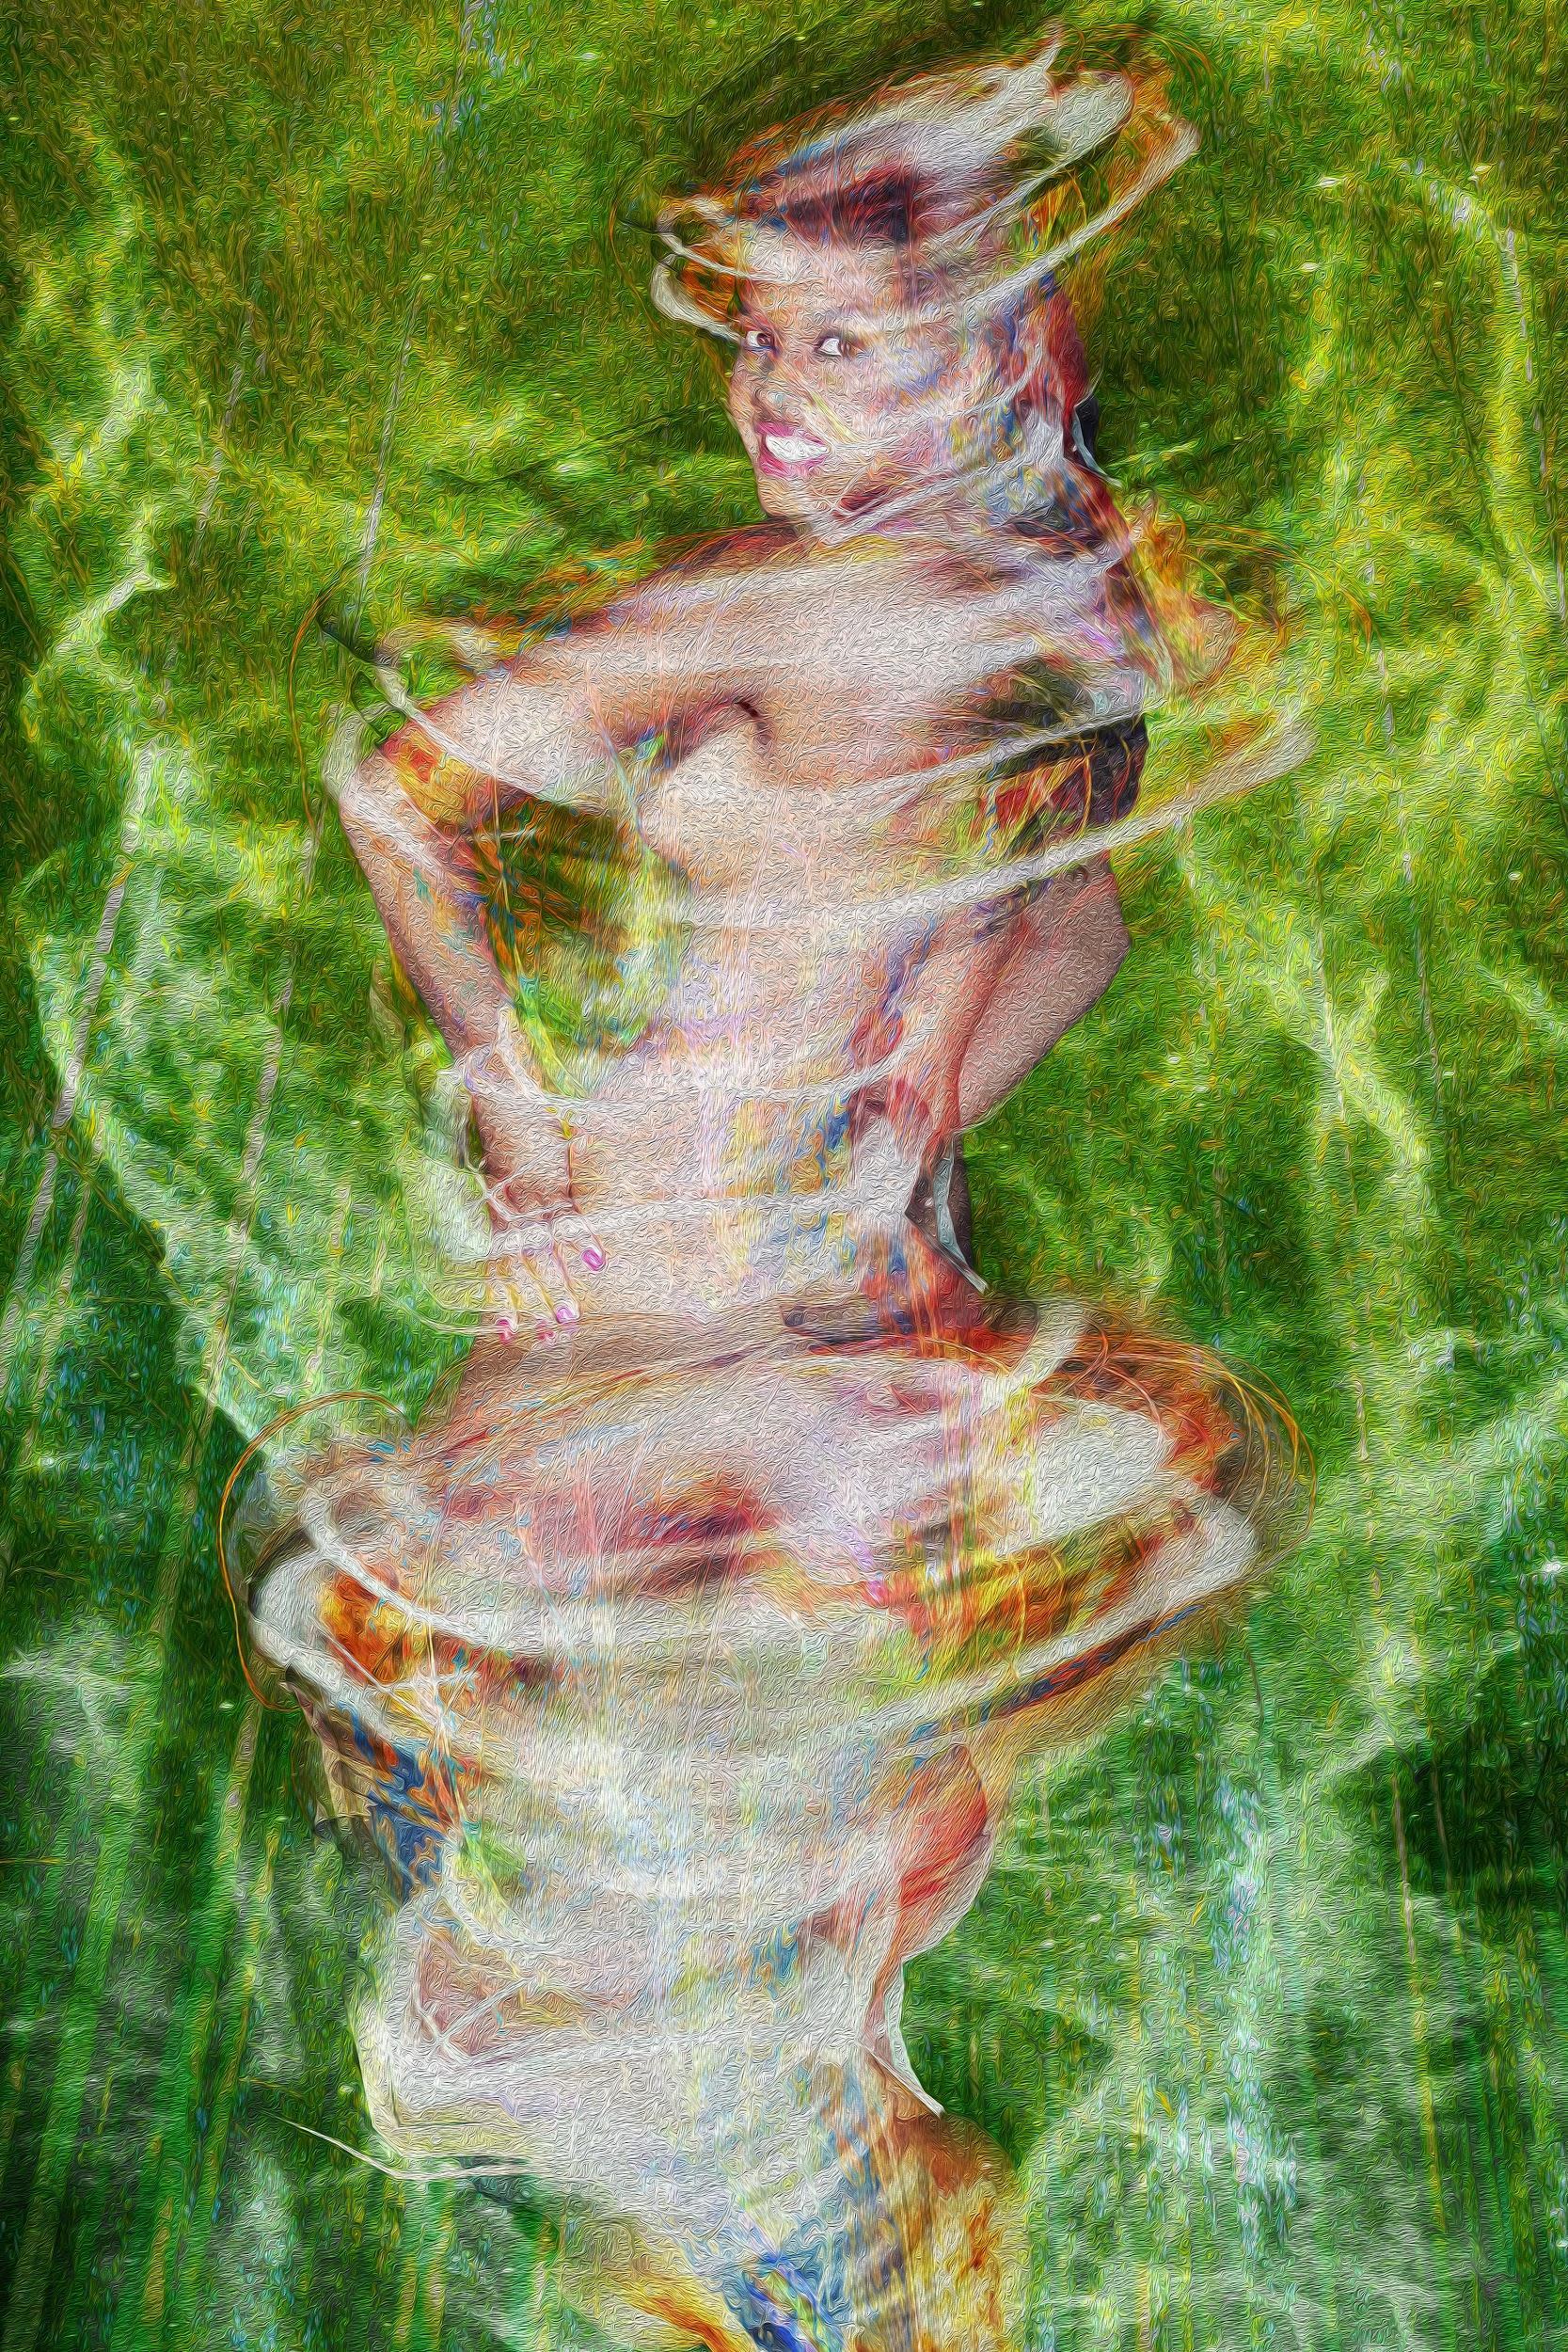 Title: Birth Of The Saci Artist: Henrique Vieira Filho